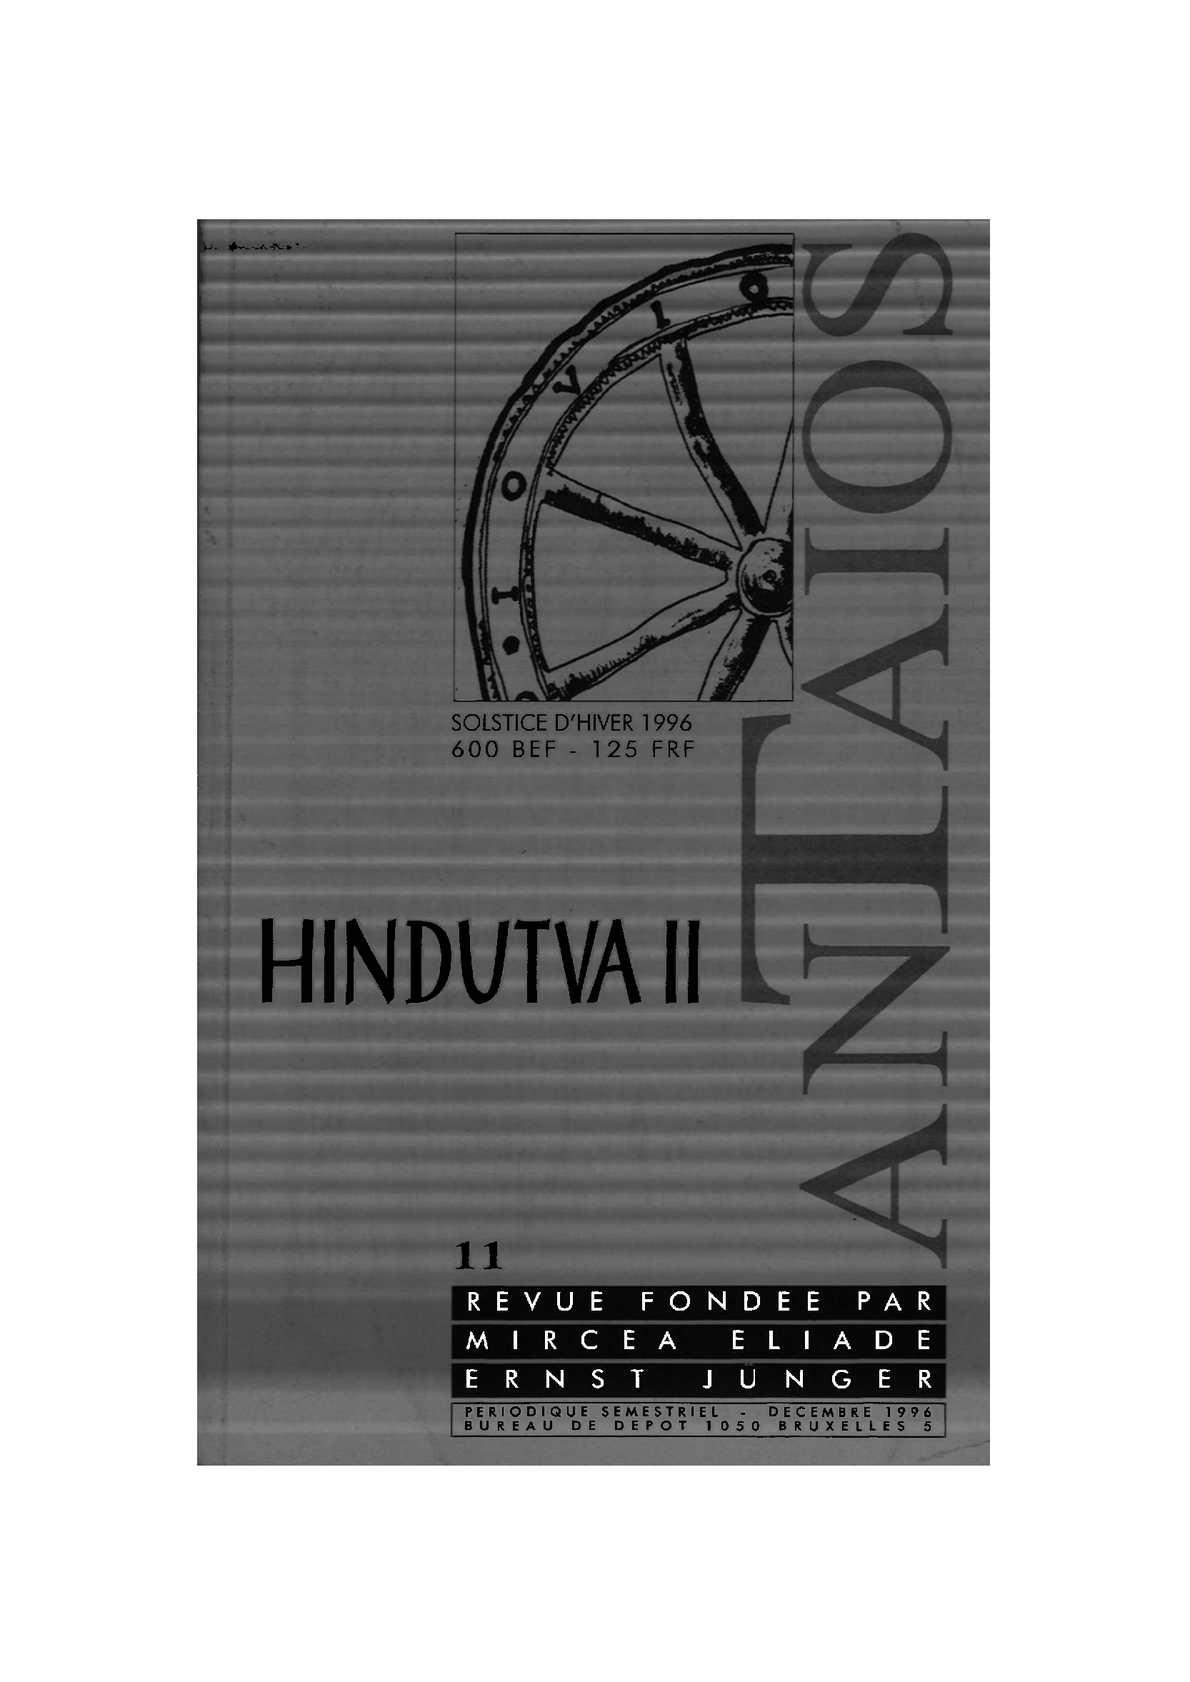 hindou Interracial datant doubler votre rencontre goodlectures